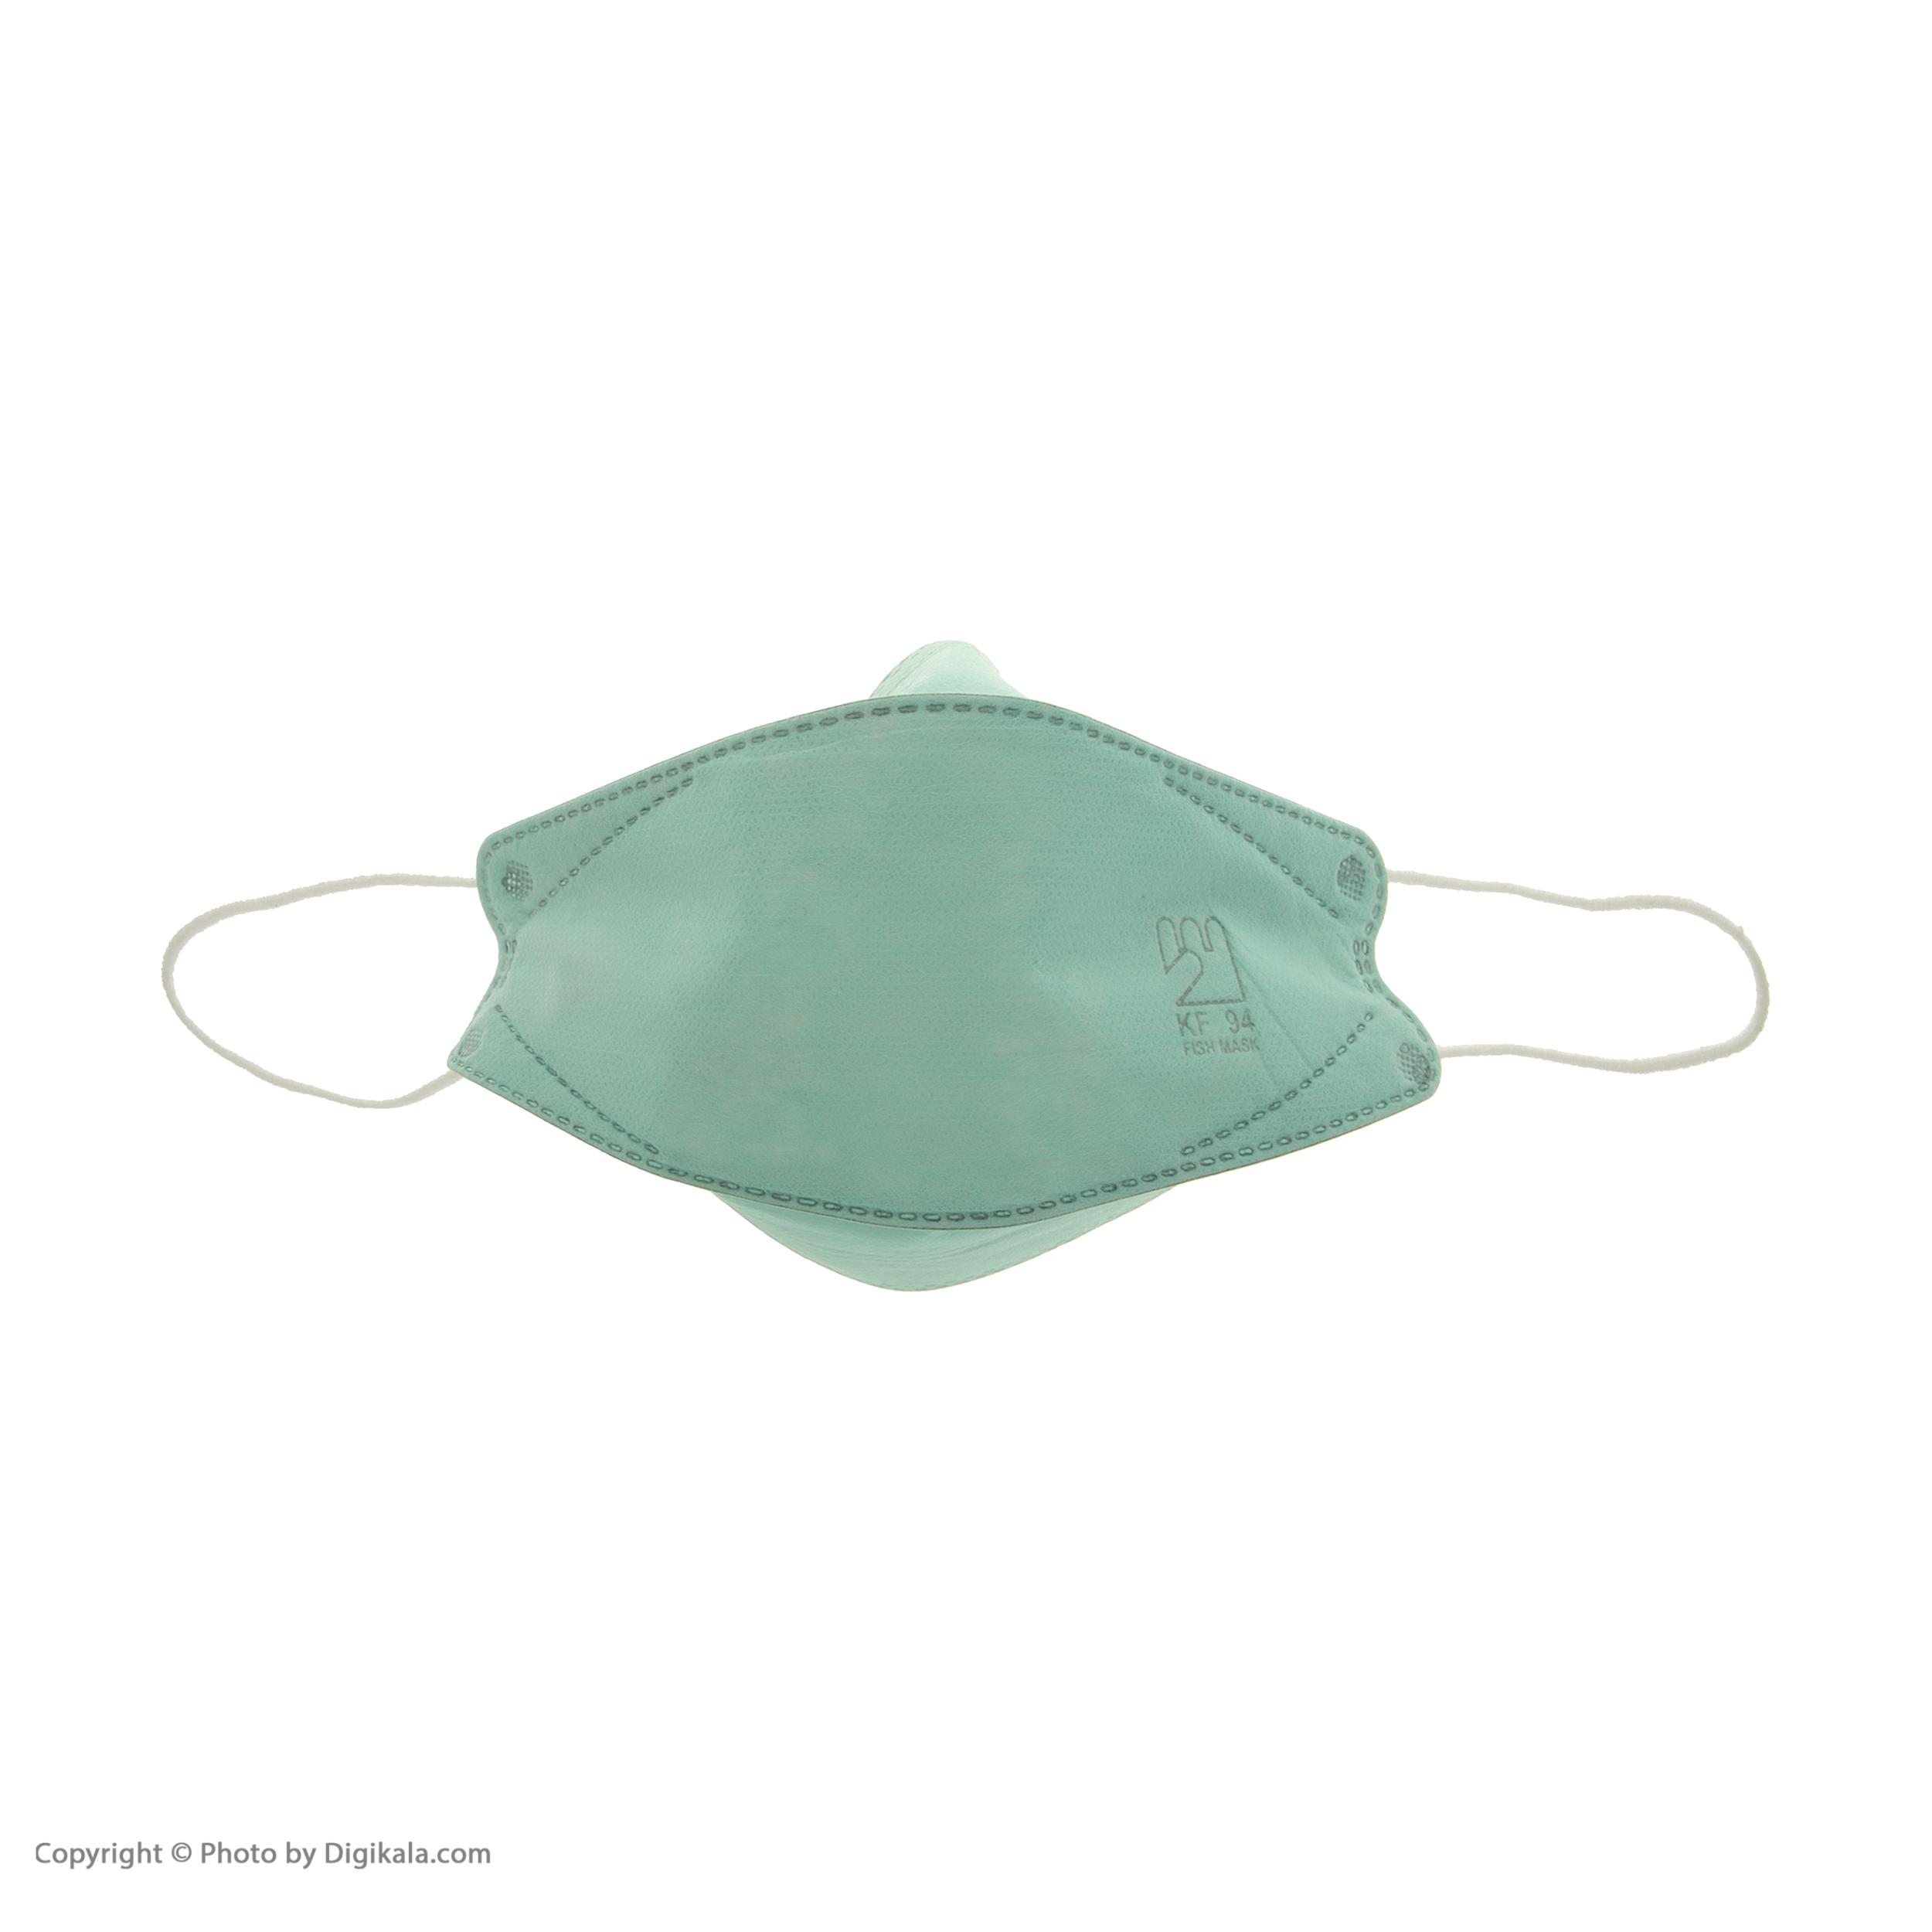 ماسک تنفسی اکسیر مدل KF94 کد EXR006 بسته 25 عددی